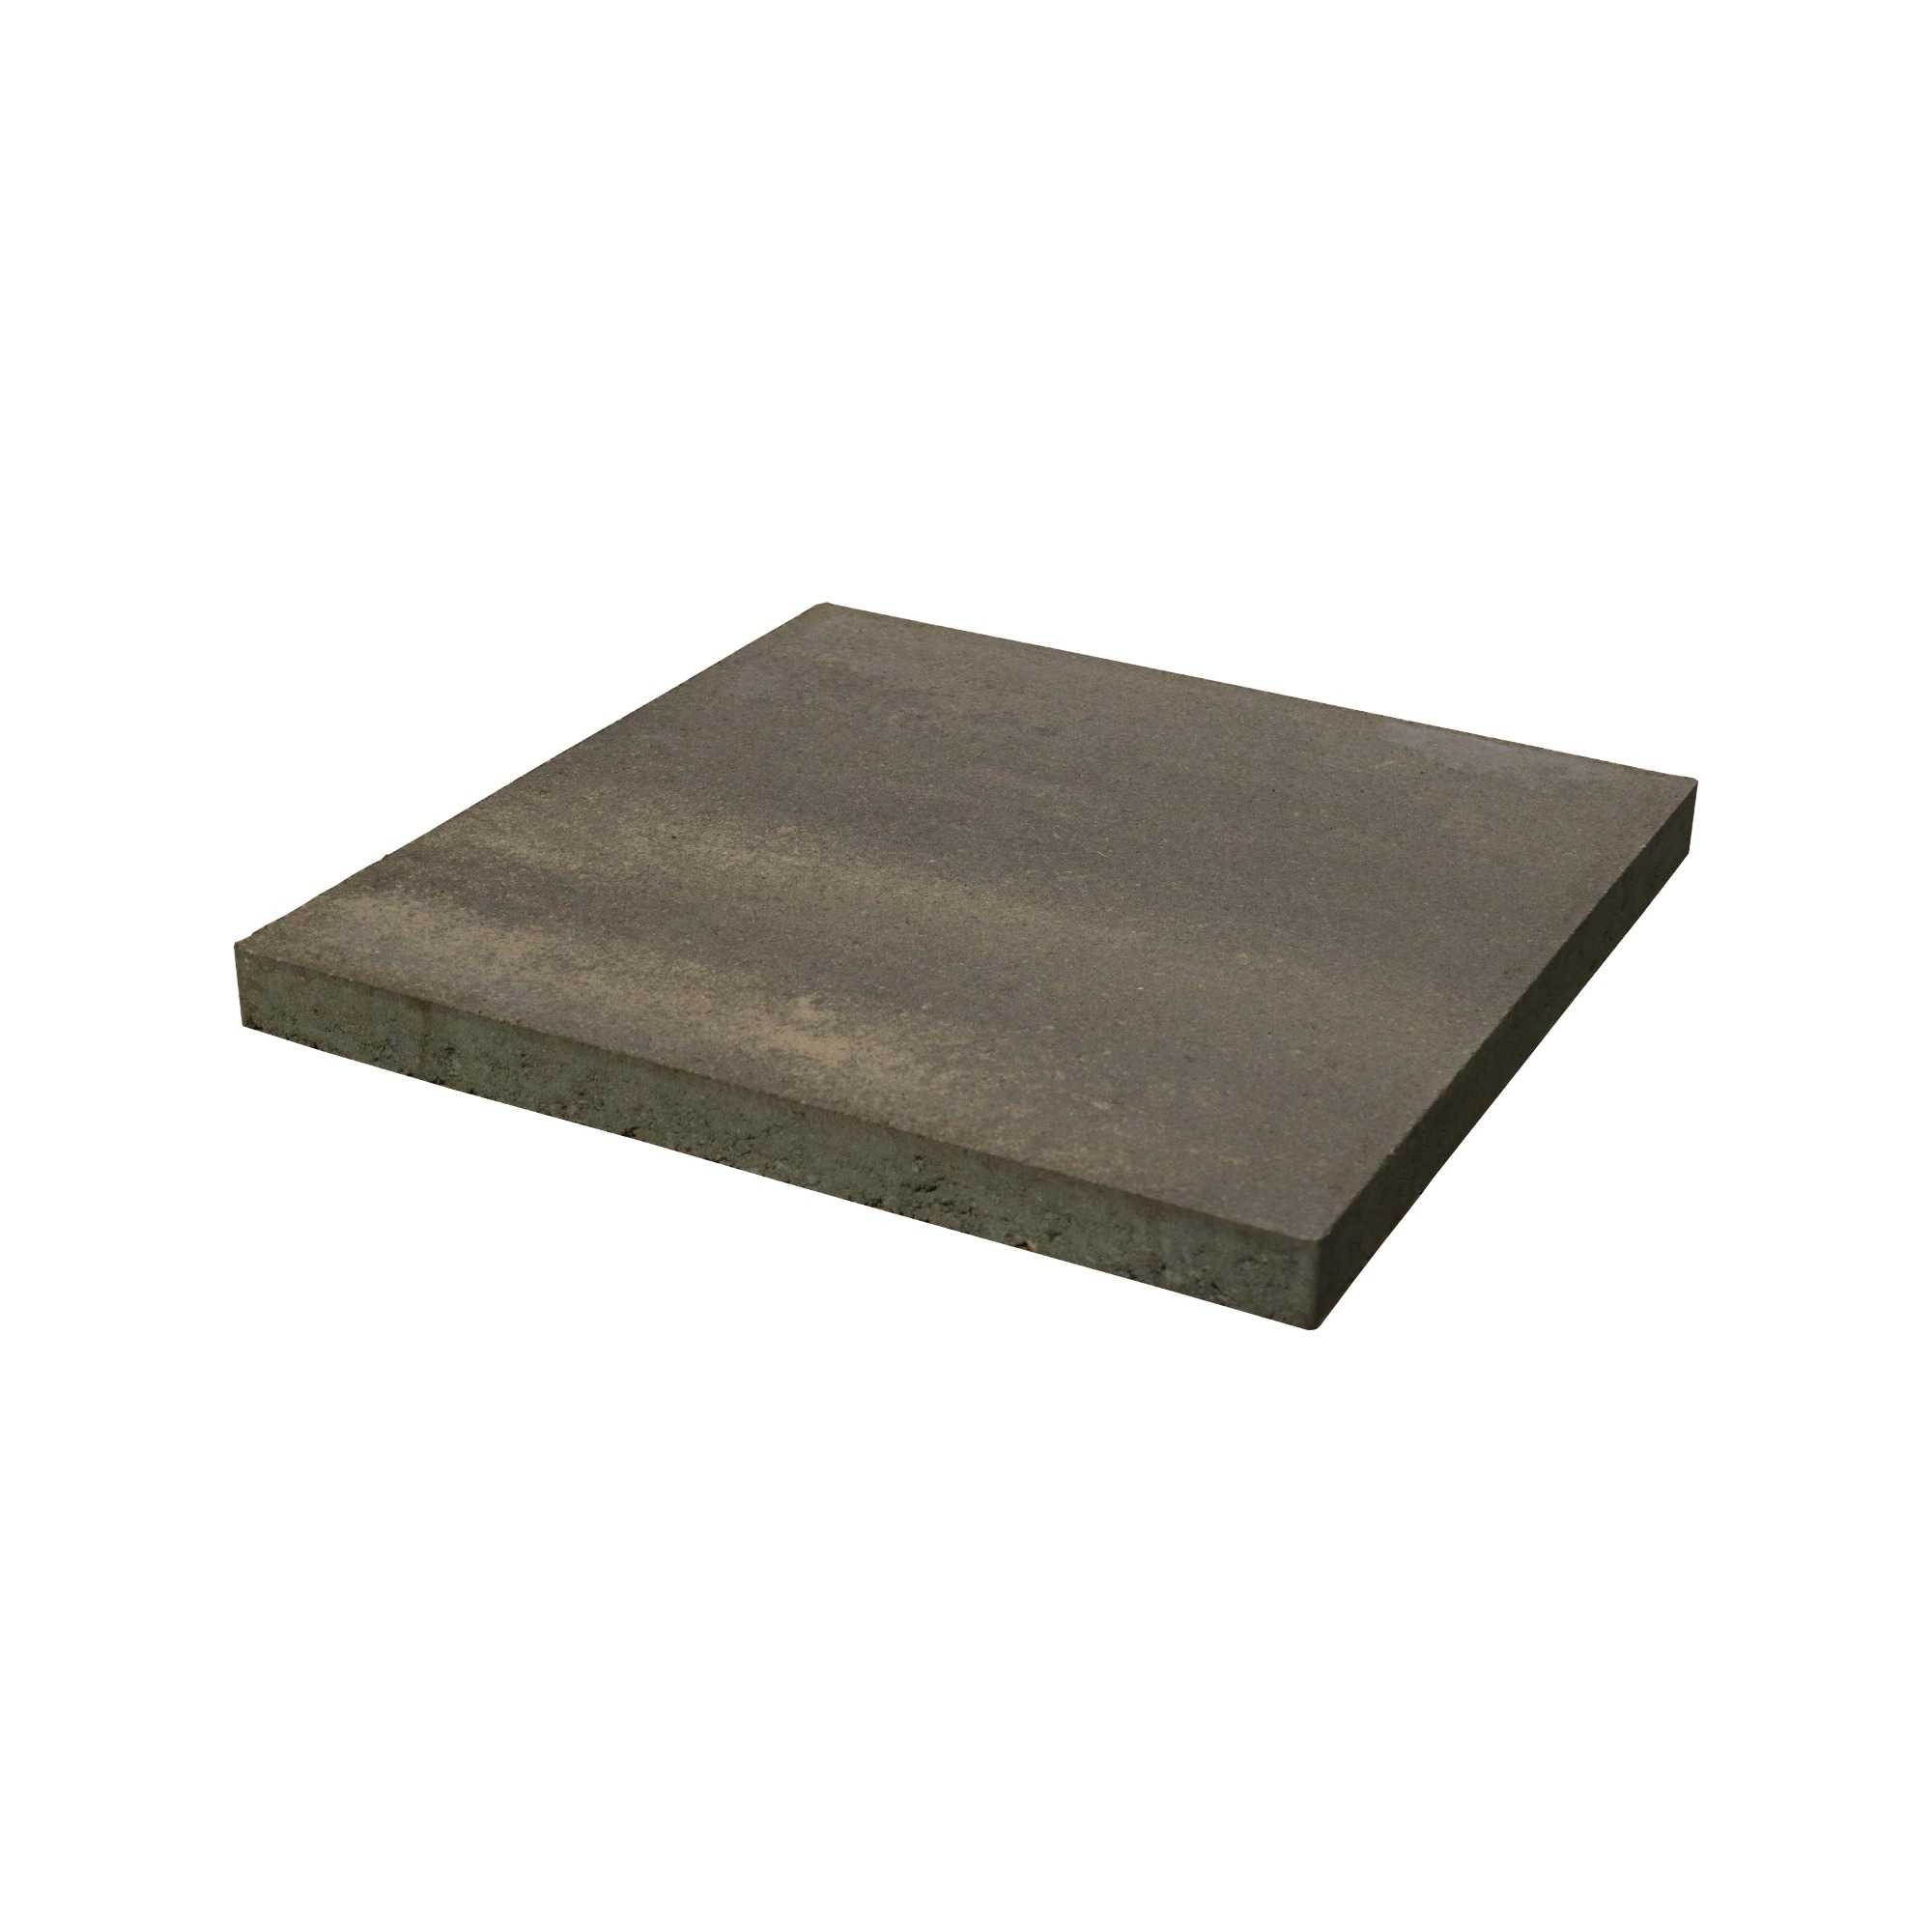 Terrastegel Beton Broadway Bruin/Oker 60x60 cm - 28 Tegels - 10,08 m2